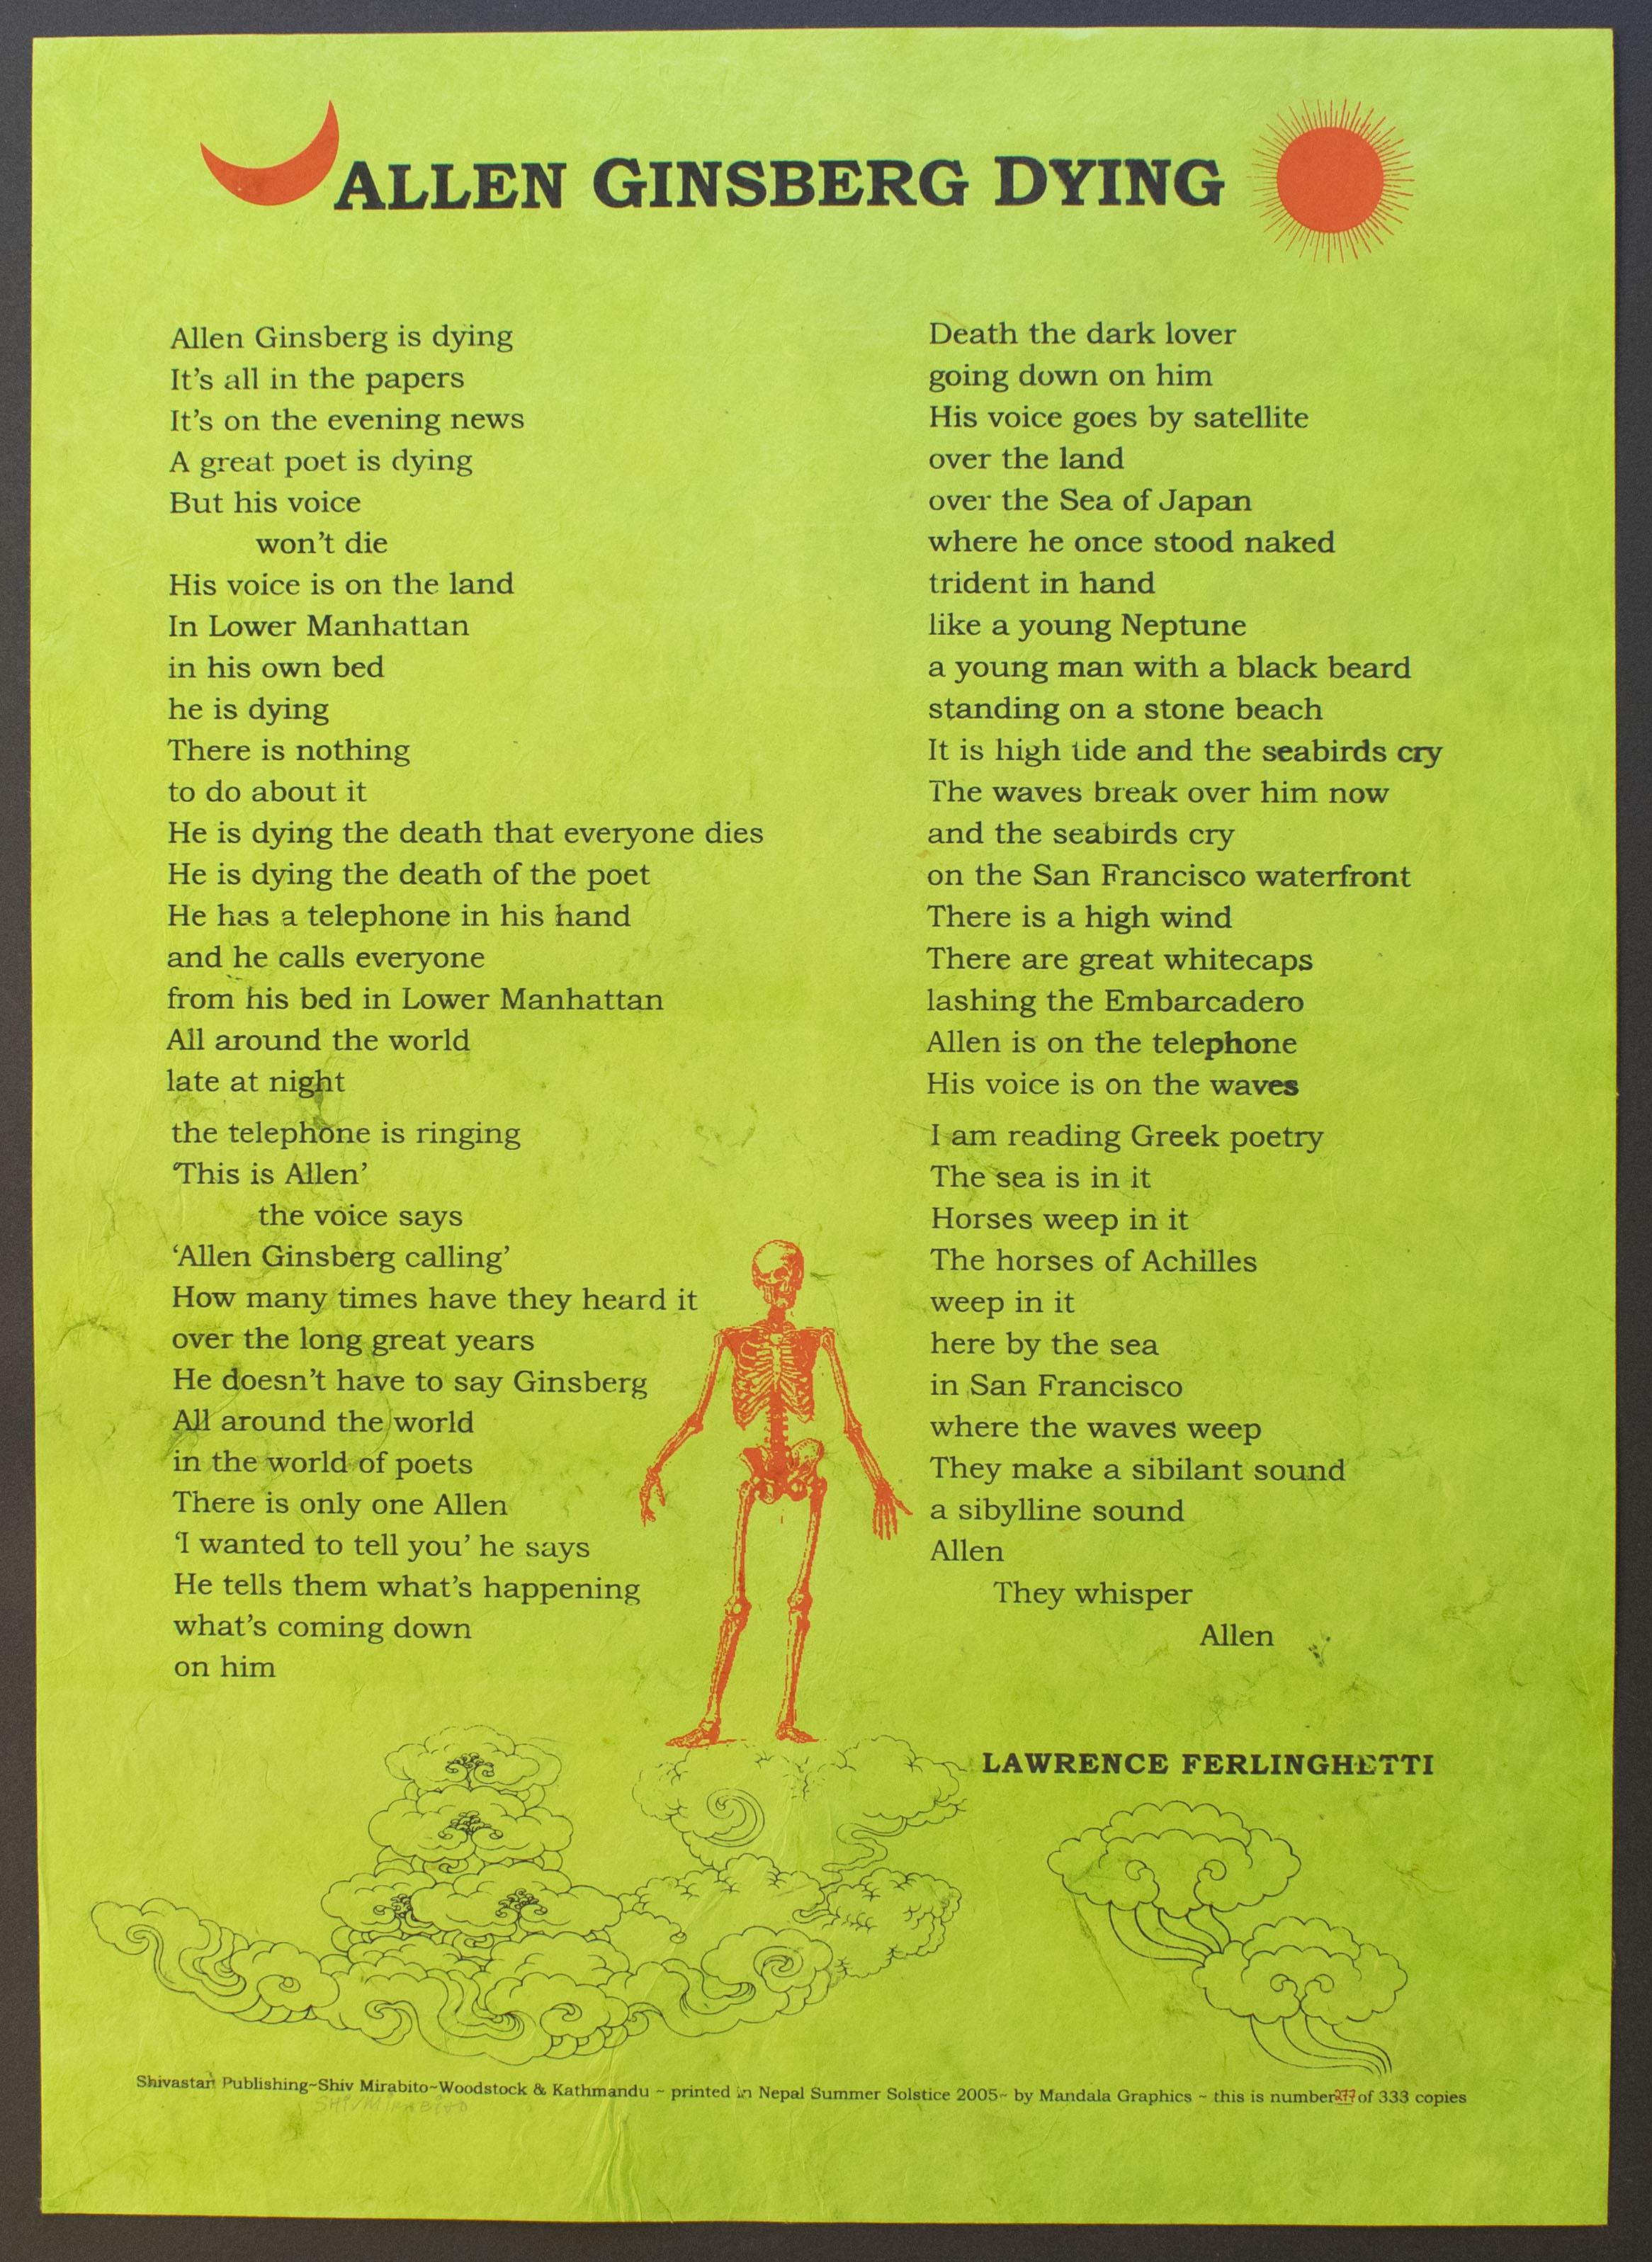 Lawrence Ferlinghetti (American, b. 1919). Allen Ginsberg Dying, 2005